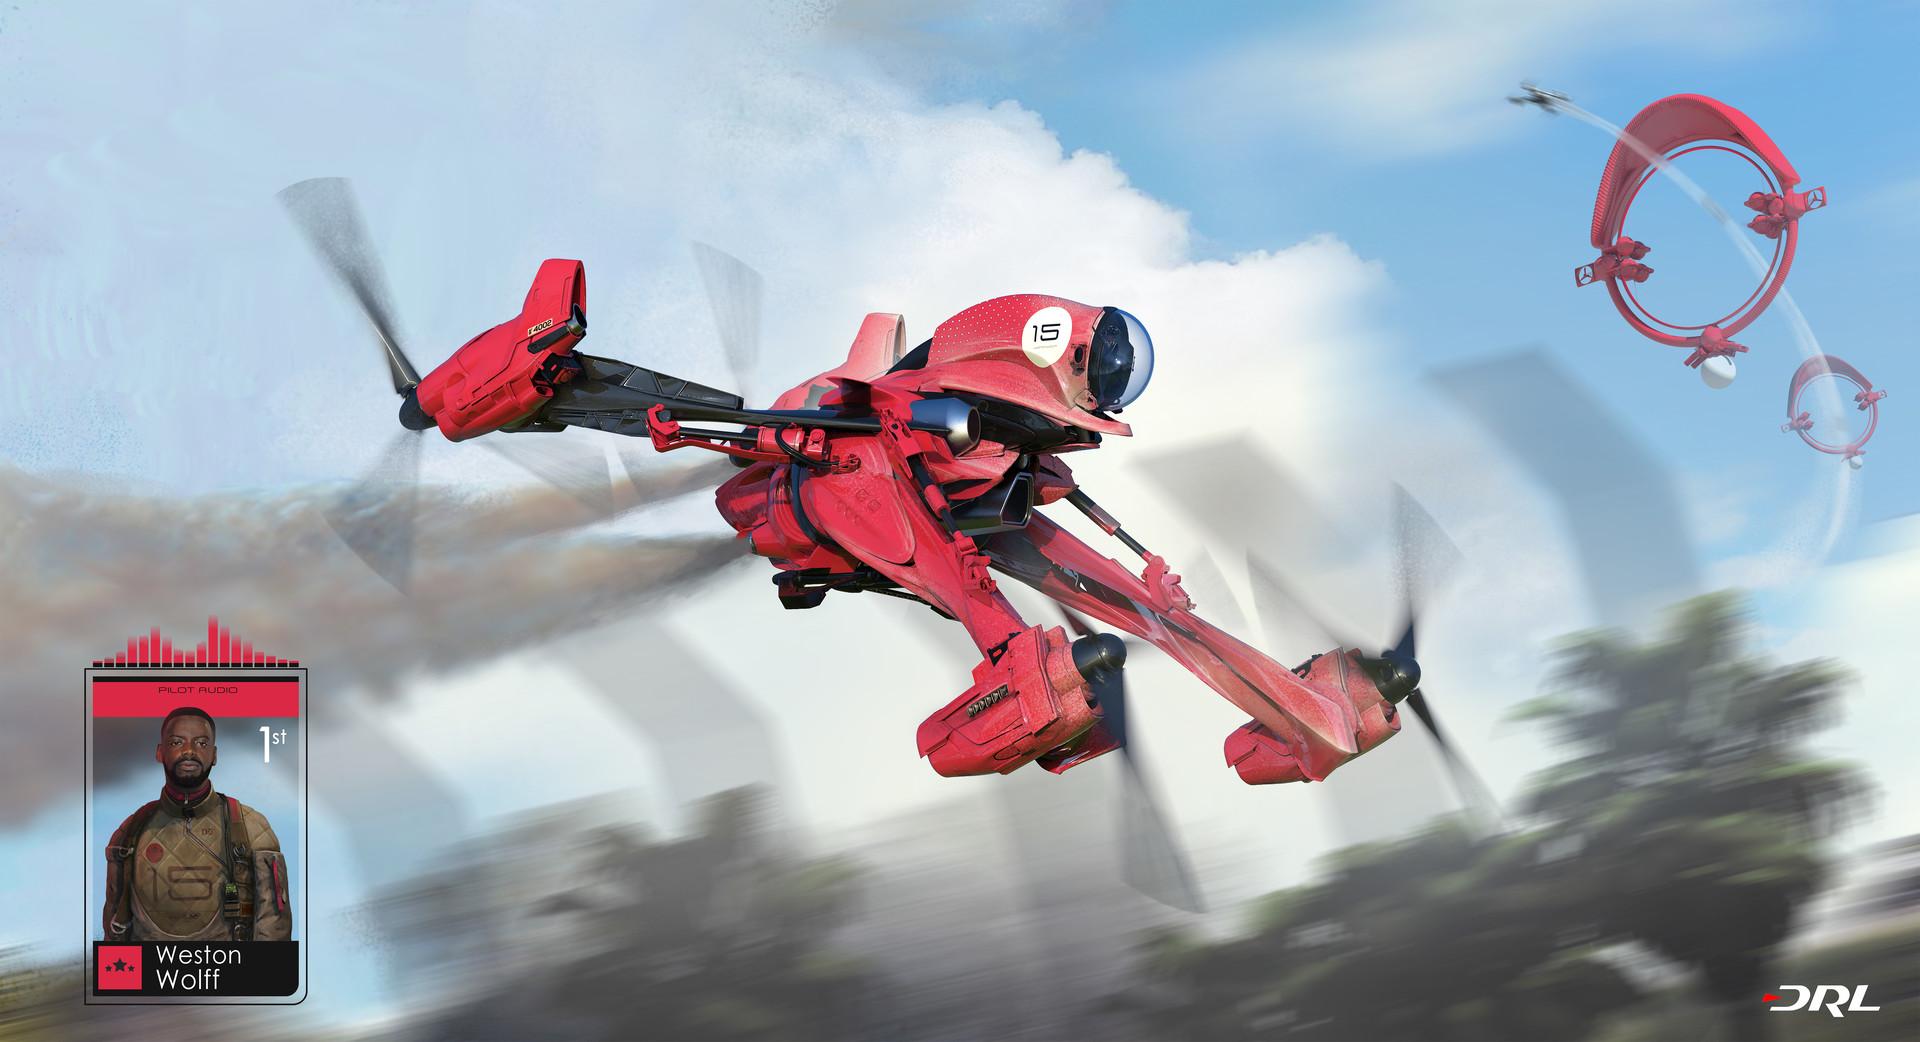 Weston's Racing Drone.